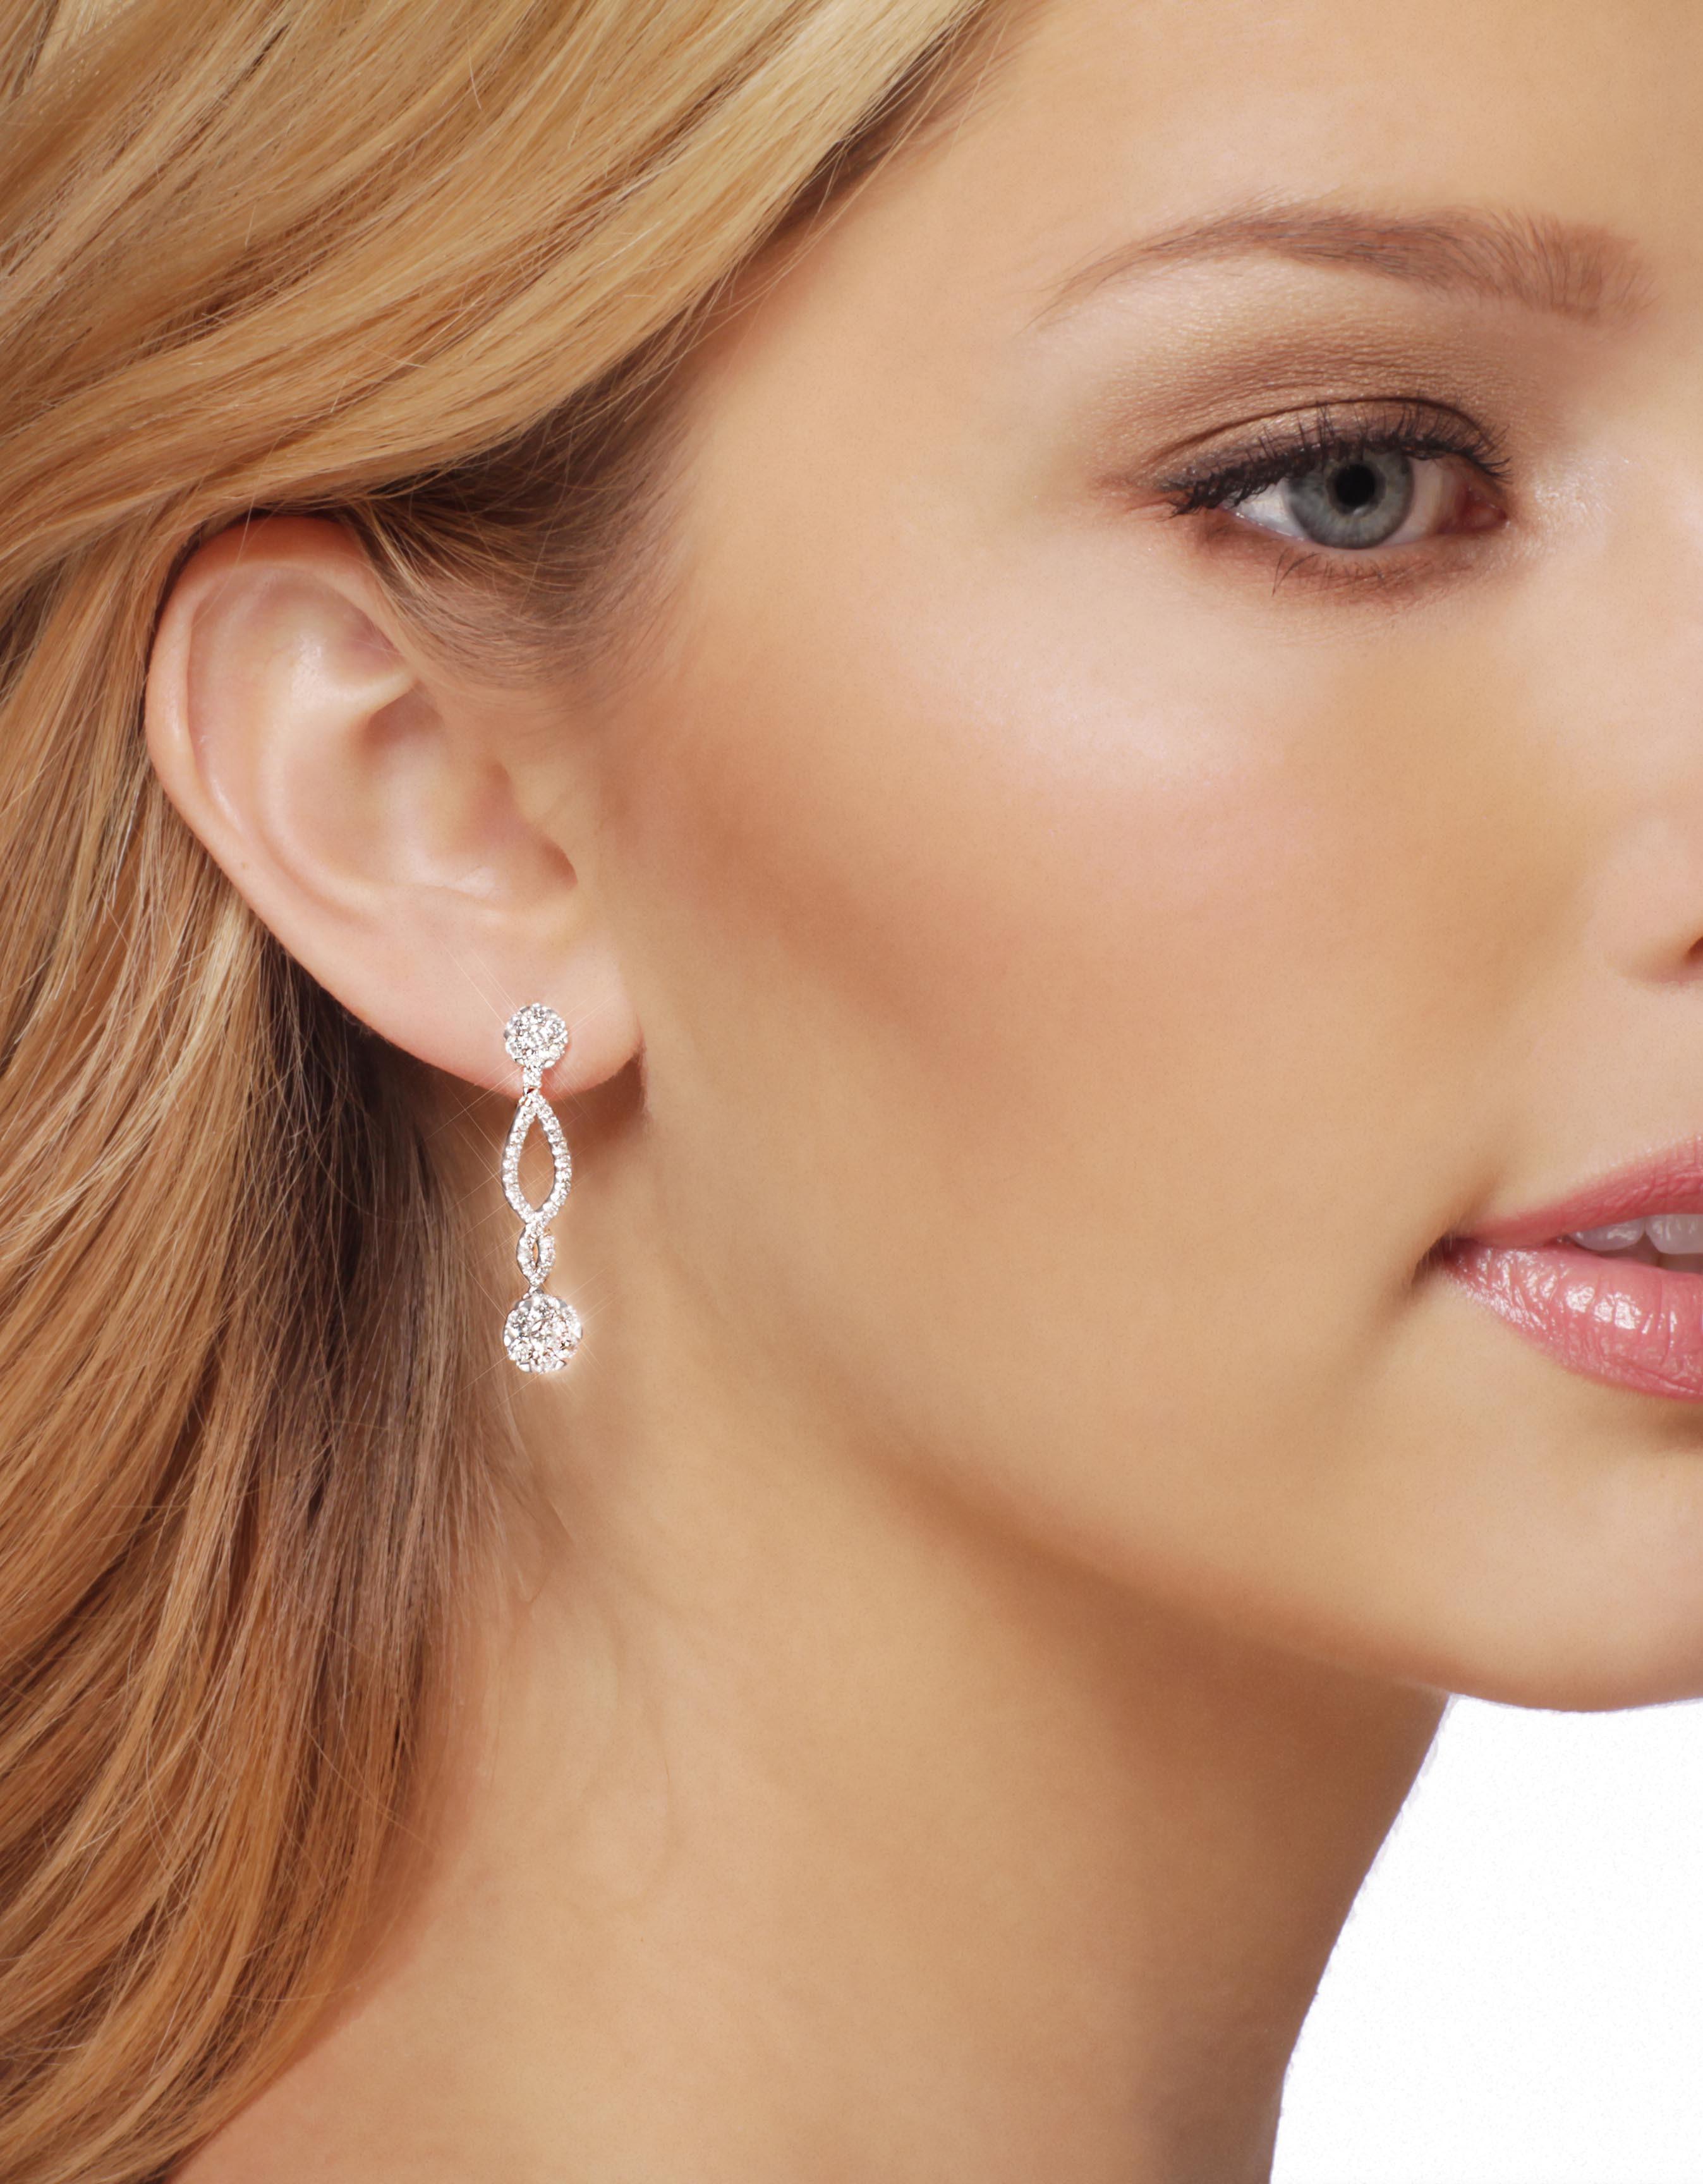 Djehuty Earrings